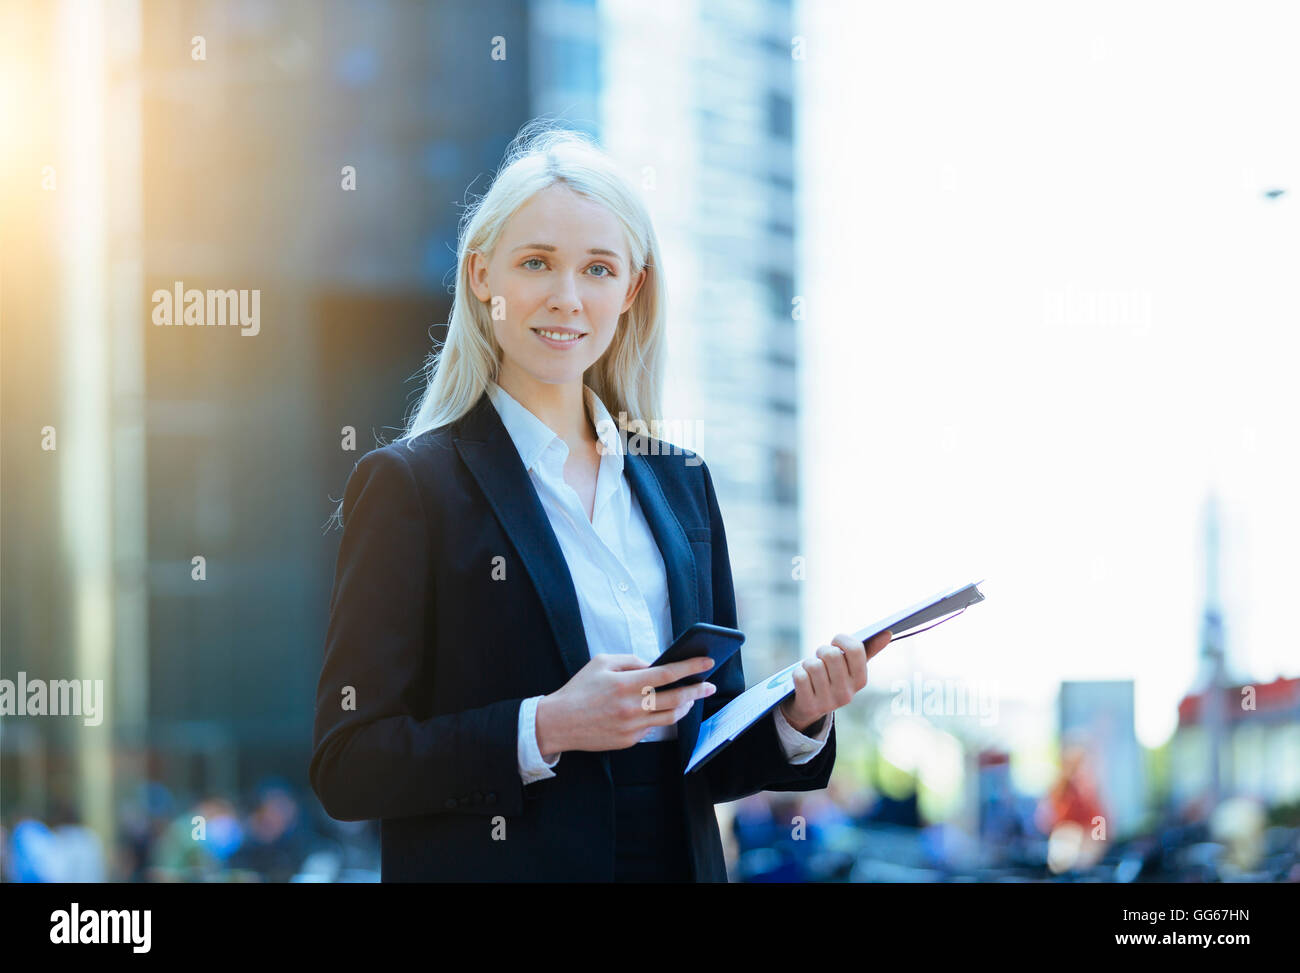 Porträt von eine Geschäftsfrau mit einem smartphone Stockfoto